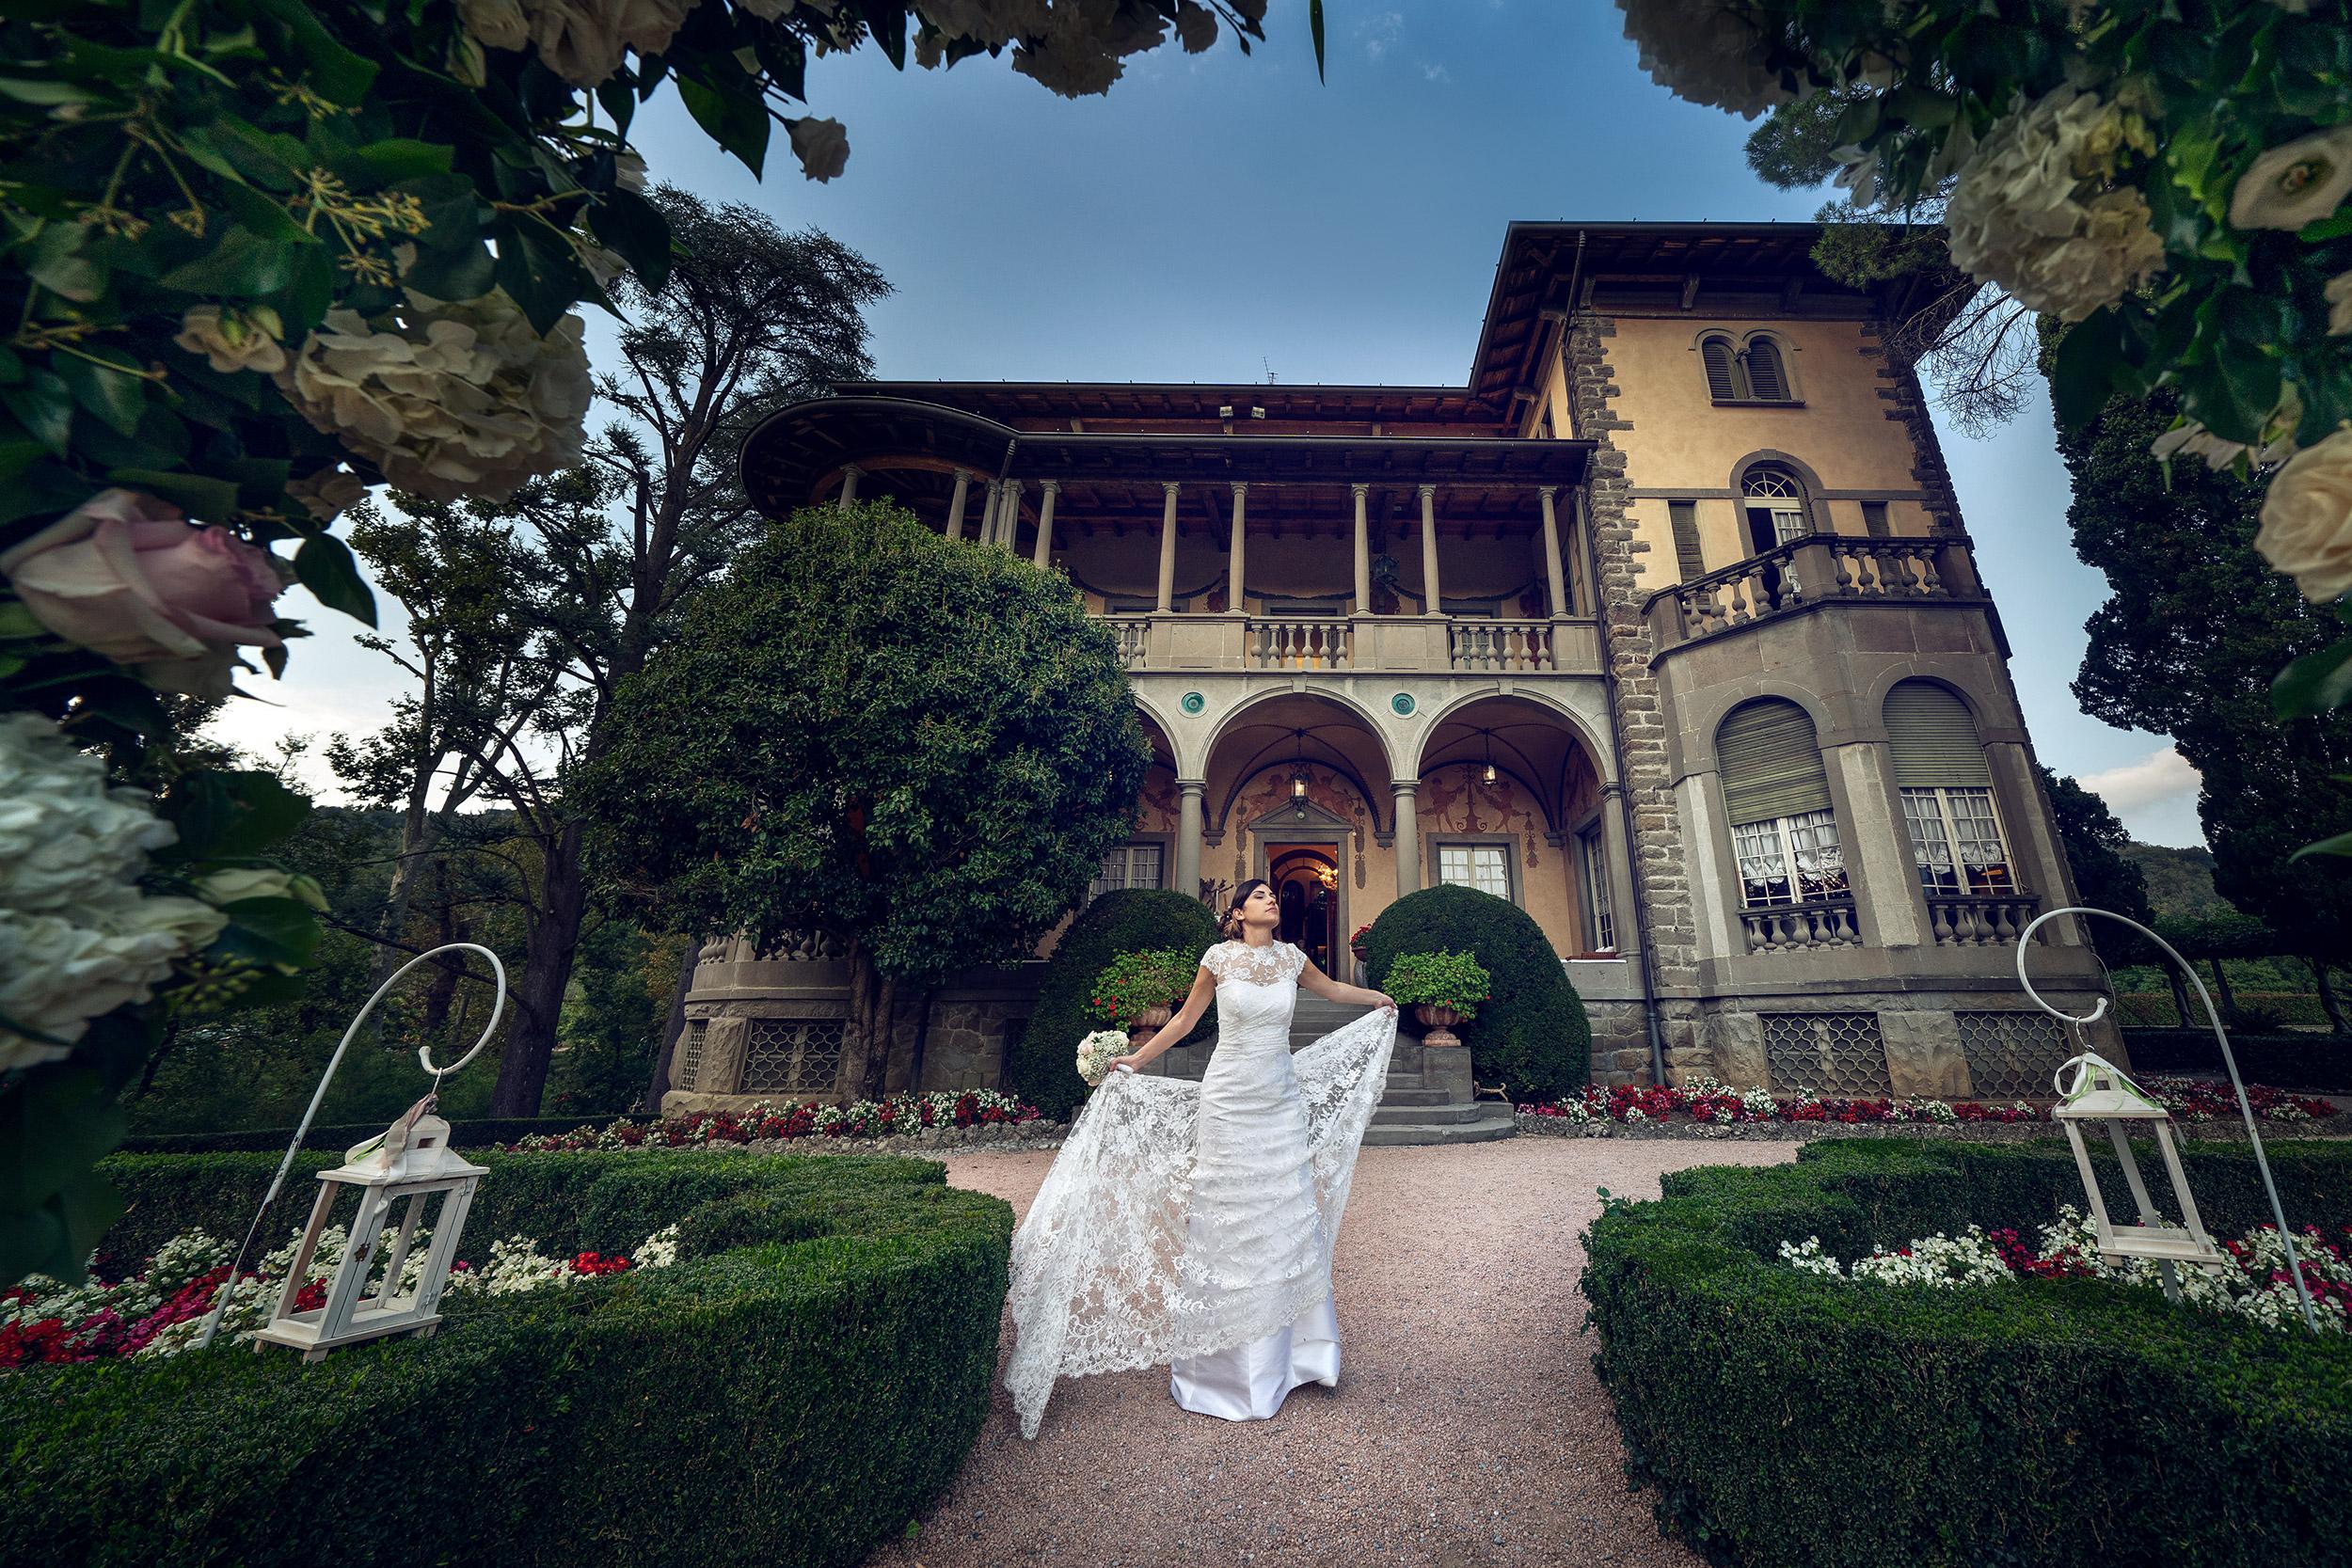 000 reportage sposi foto matrimonio wedding villa martinelli bergamo 1